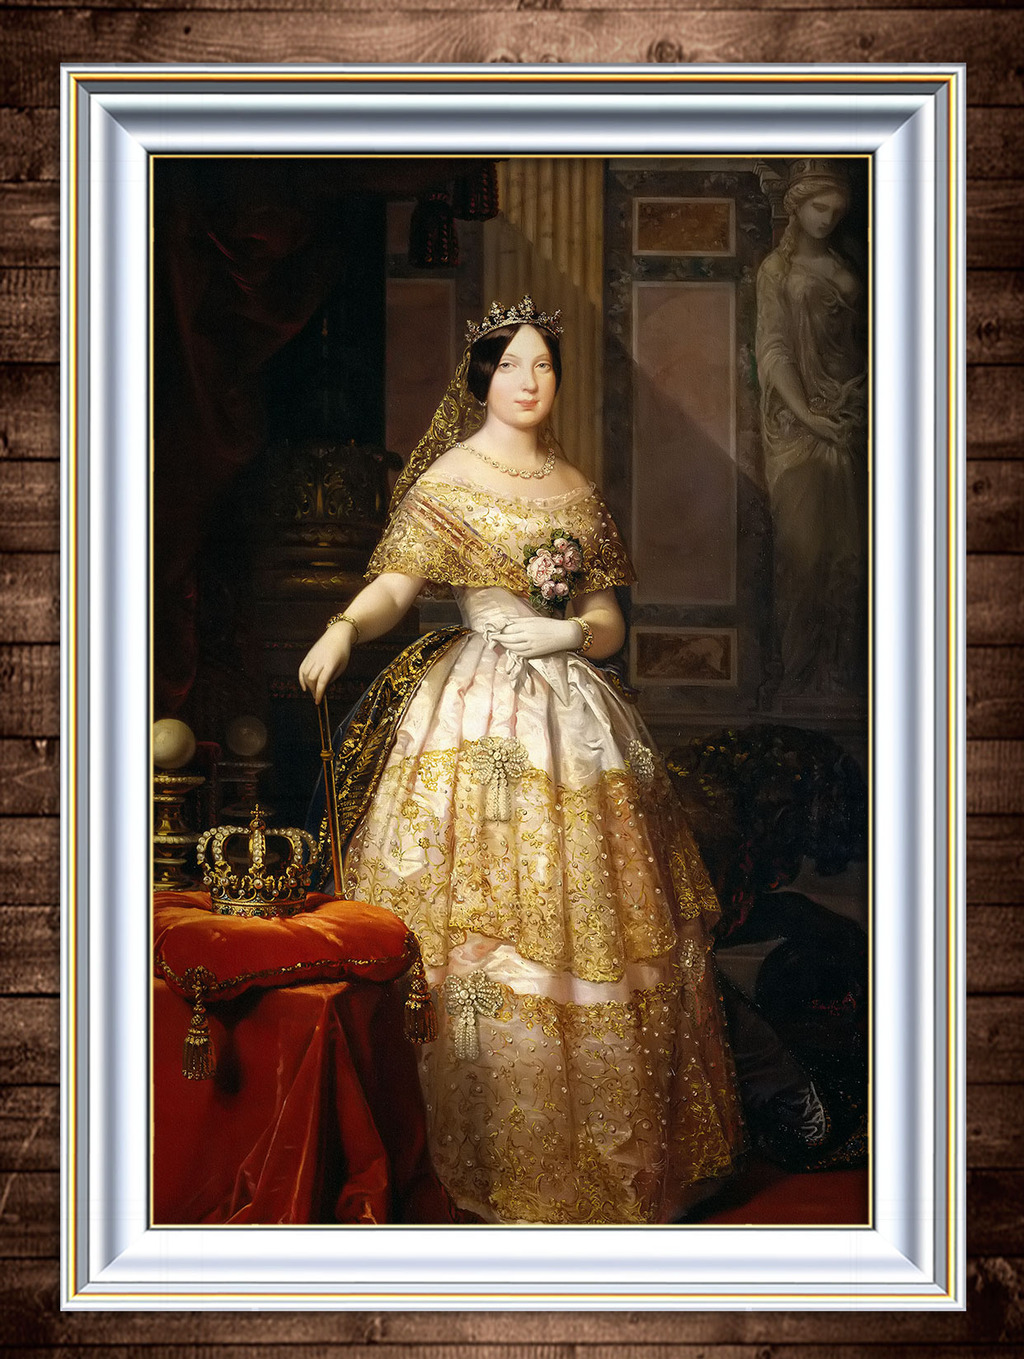 油画 皇冠/[版权图片]女皇与皇冠古典主义油画